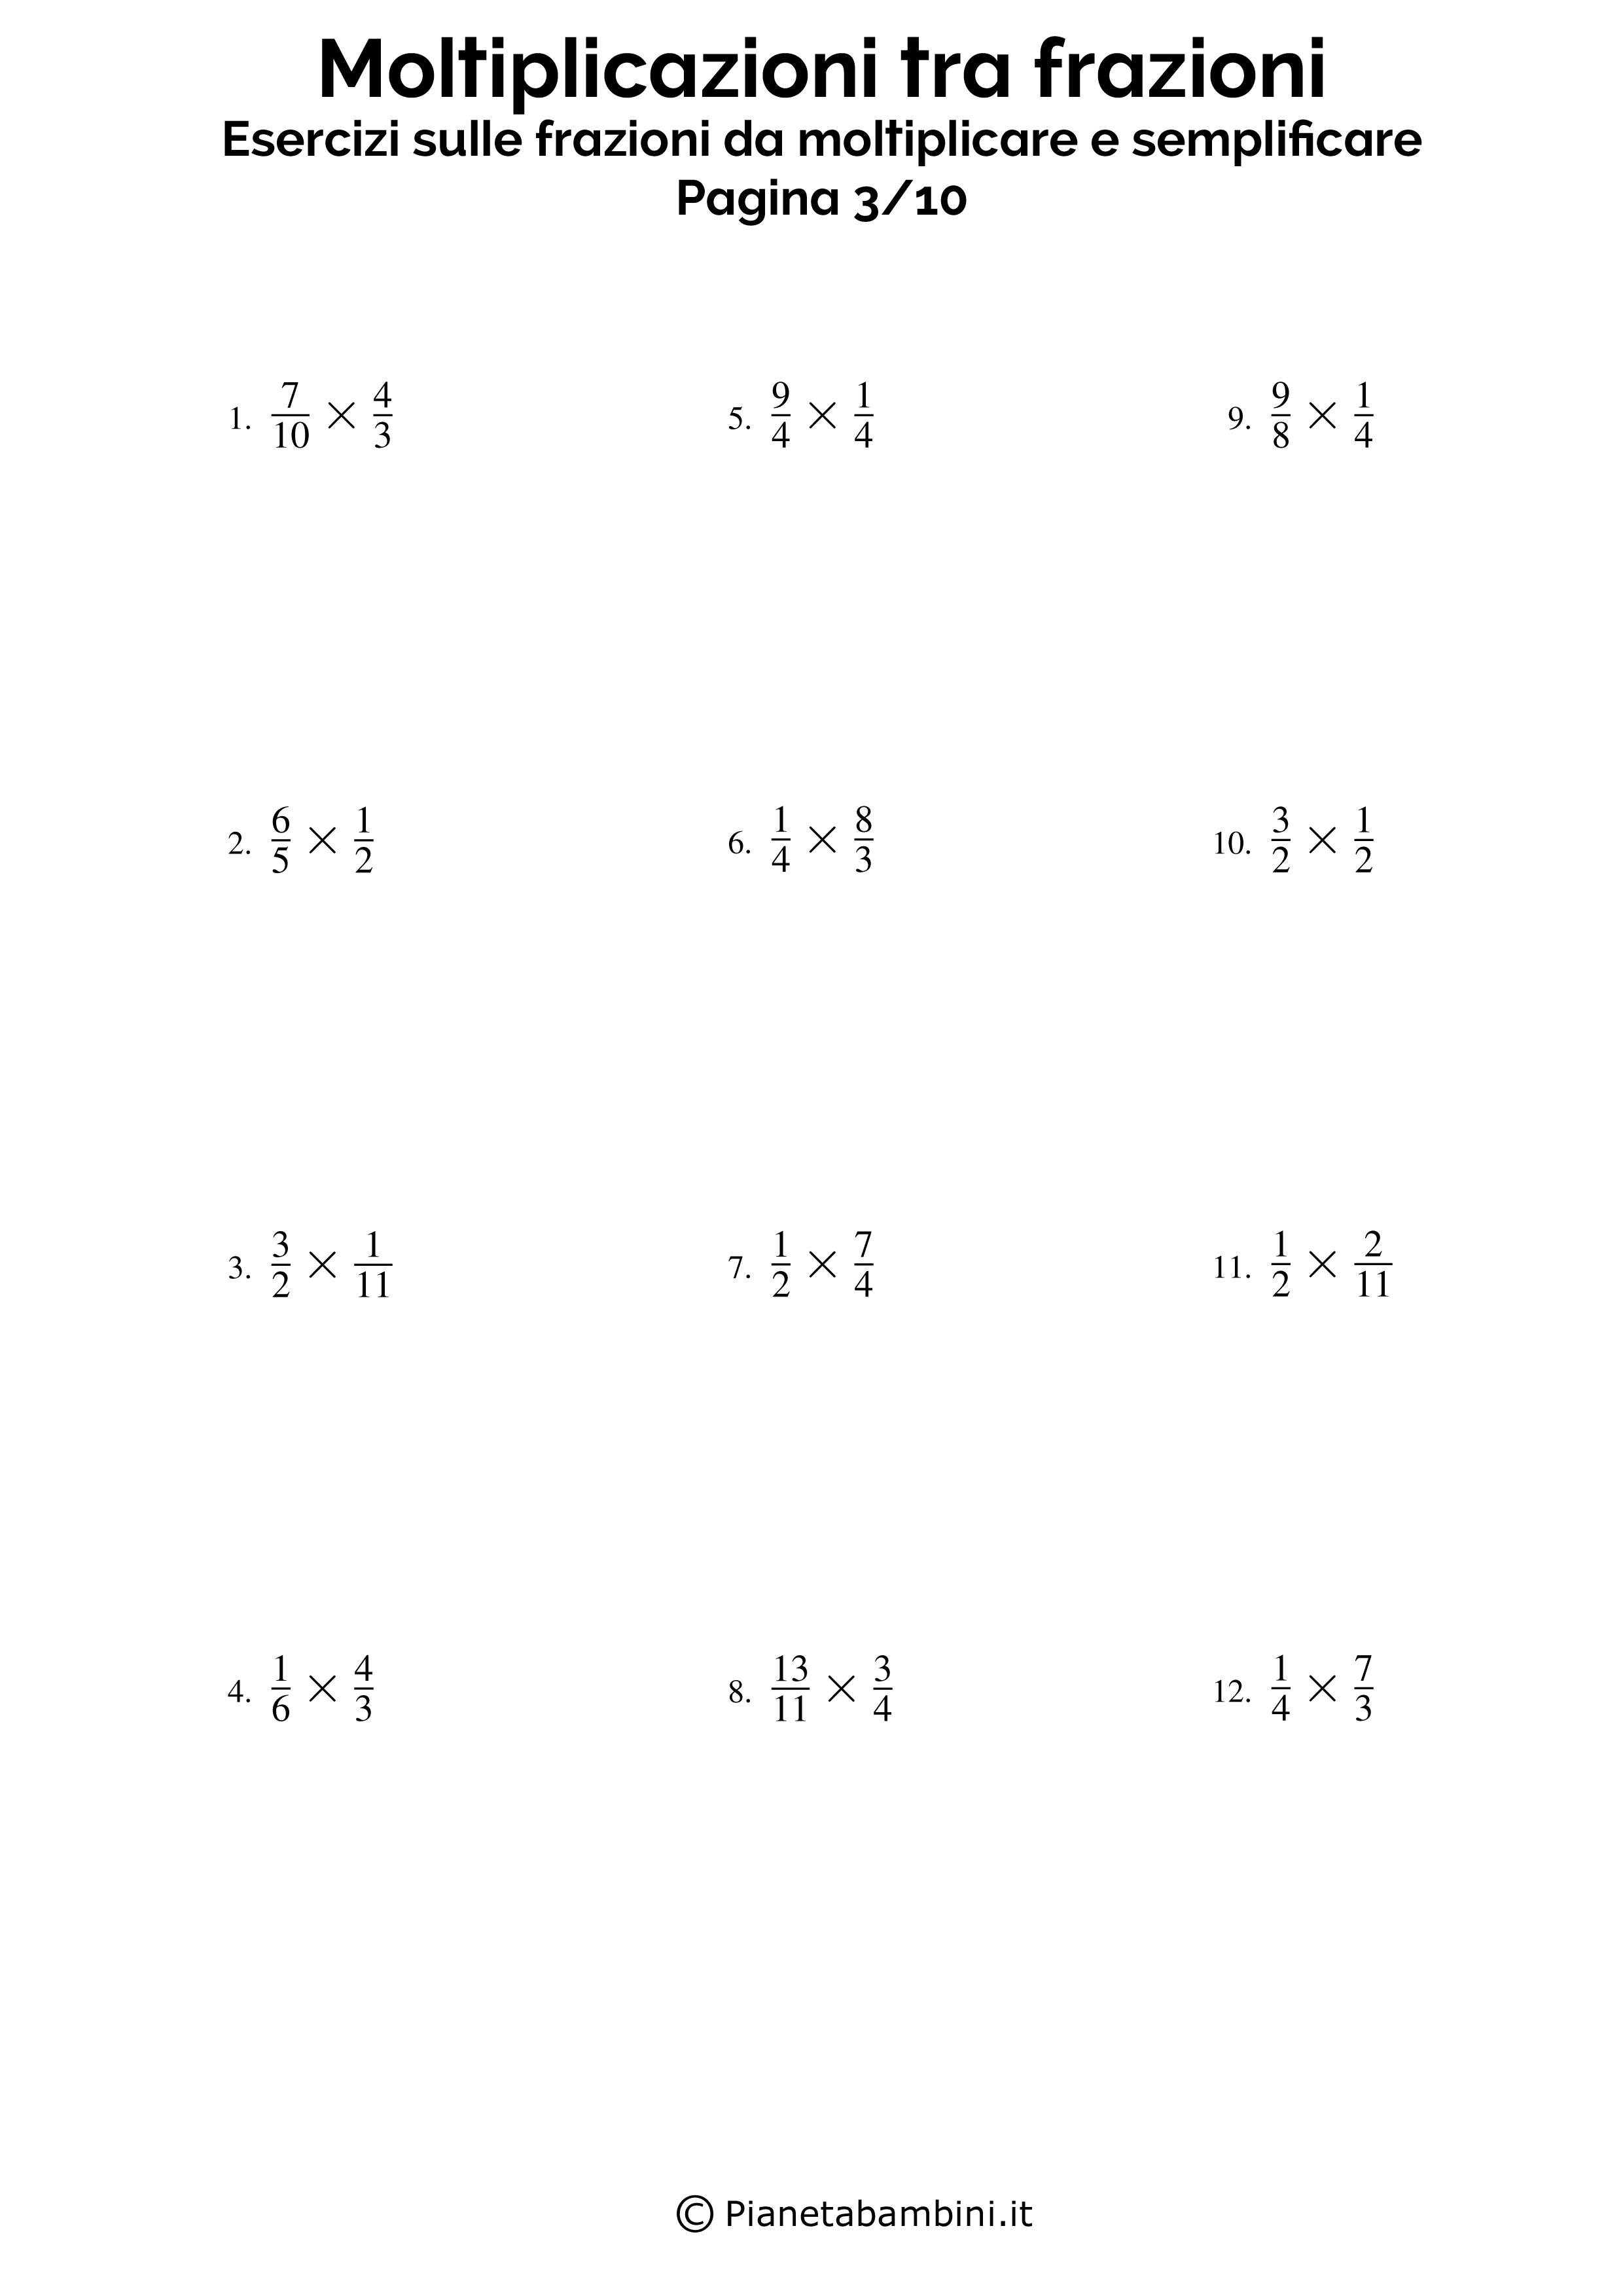 Frazioni-Moltiplicare-Semplificare_03